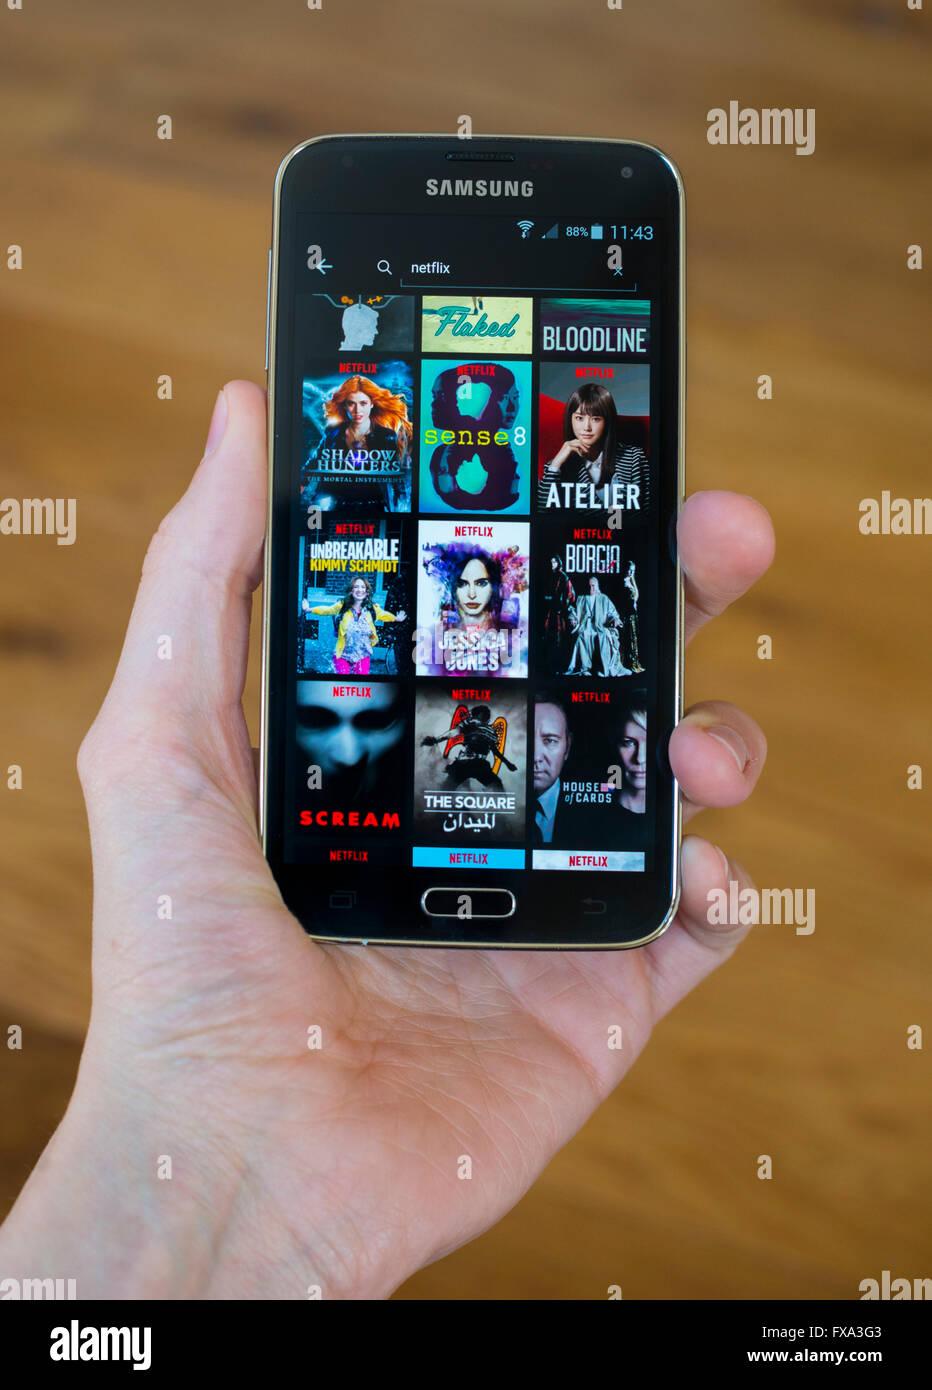 Una mano che tiene un telefono Samsung con le app Netlfix aperto e mostra originale contenuti Netflix. Immagini Stock